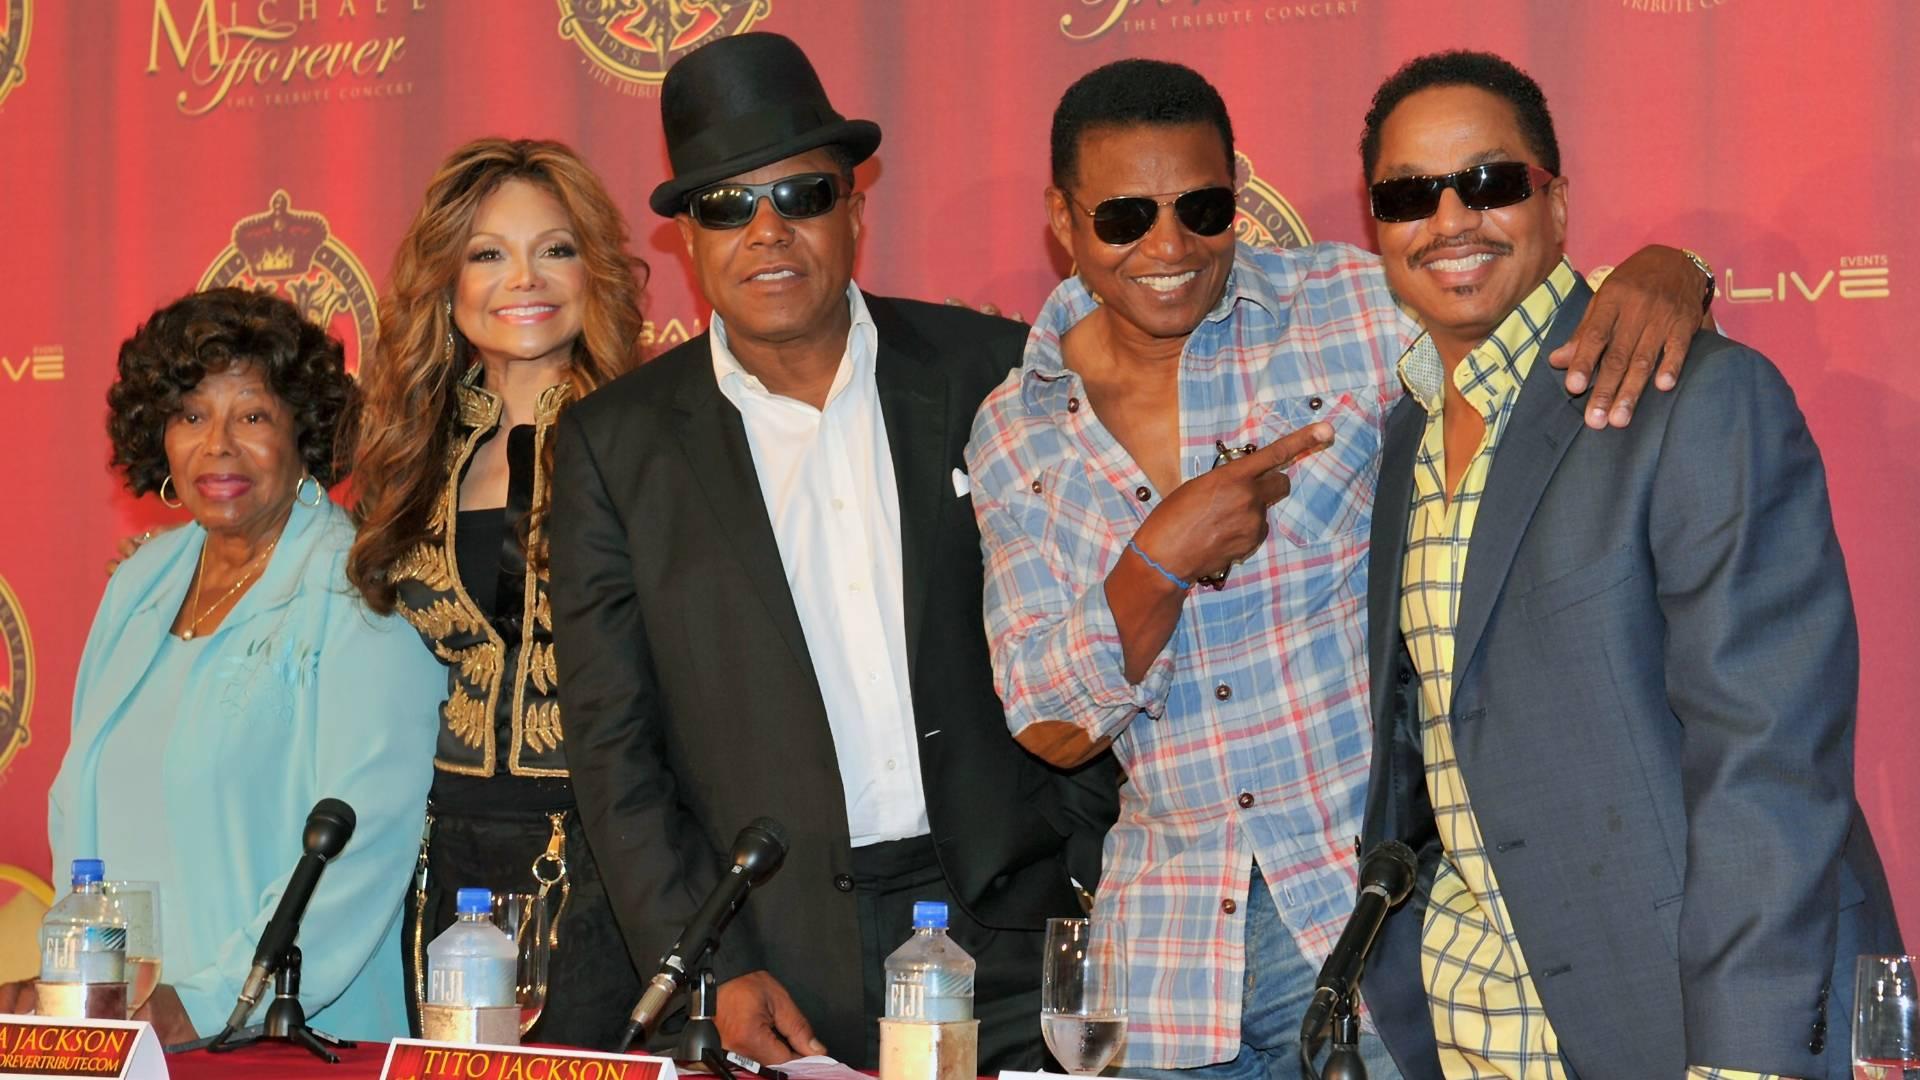 Da esquerda para a direita, a mãe de Michael Jackson, Katherine, a irmã La Toya e os músicos Tito, Jackie e Marlom Jackson em coletiva de imprensa para promover o tributo